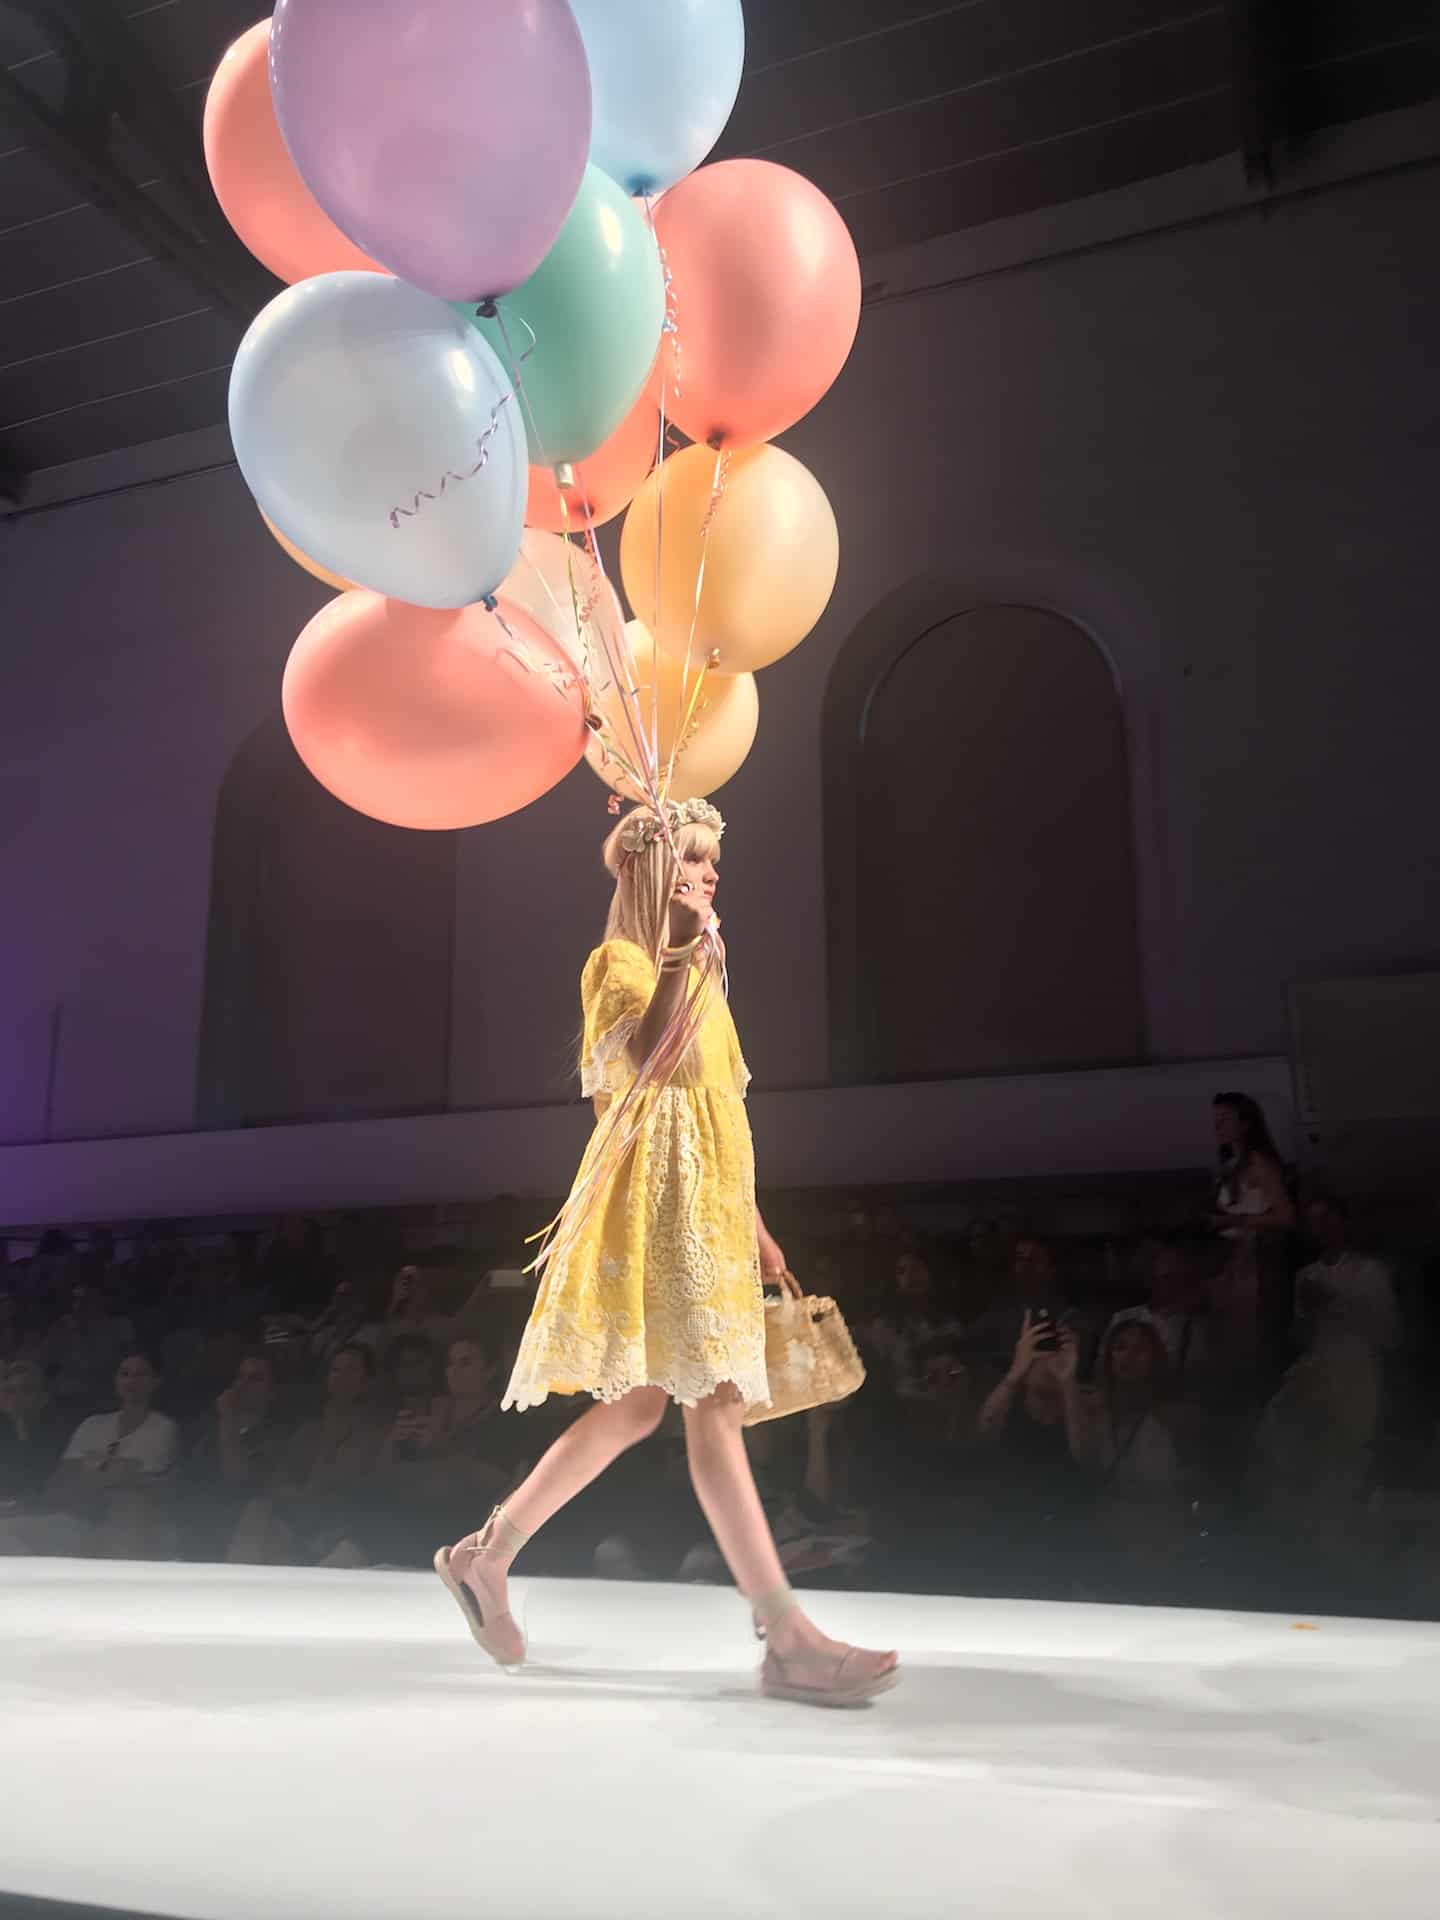 Patachou SS20 kids fashion collection at Pitti Bimbo 89 - kids fashion show